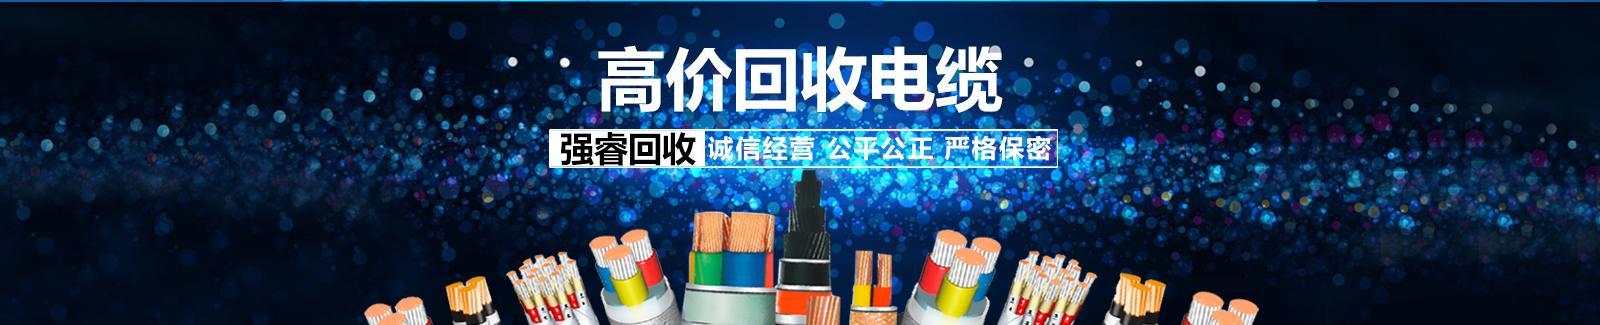 定兴县强睿废旧物资回收有限公司